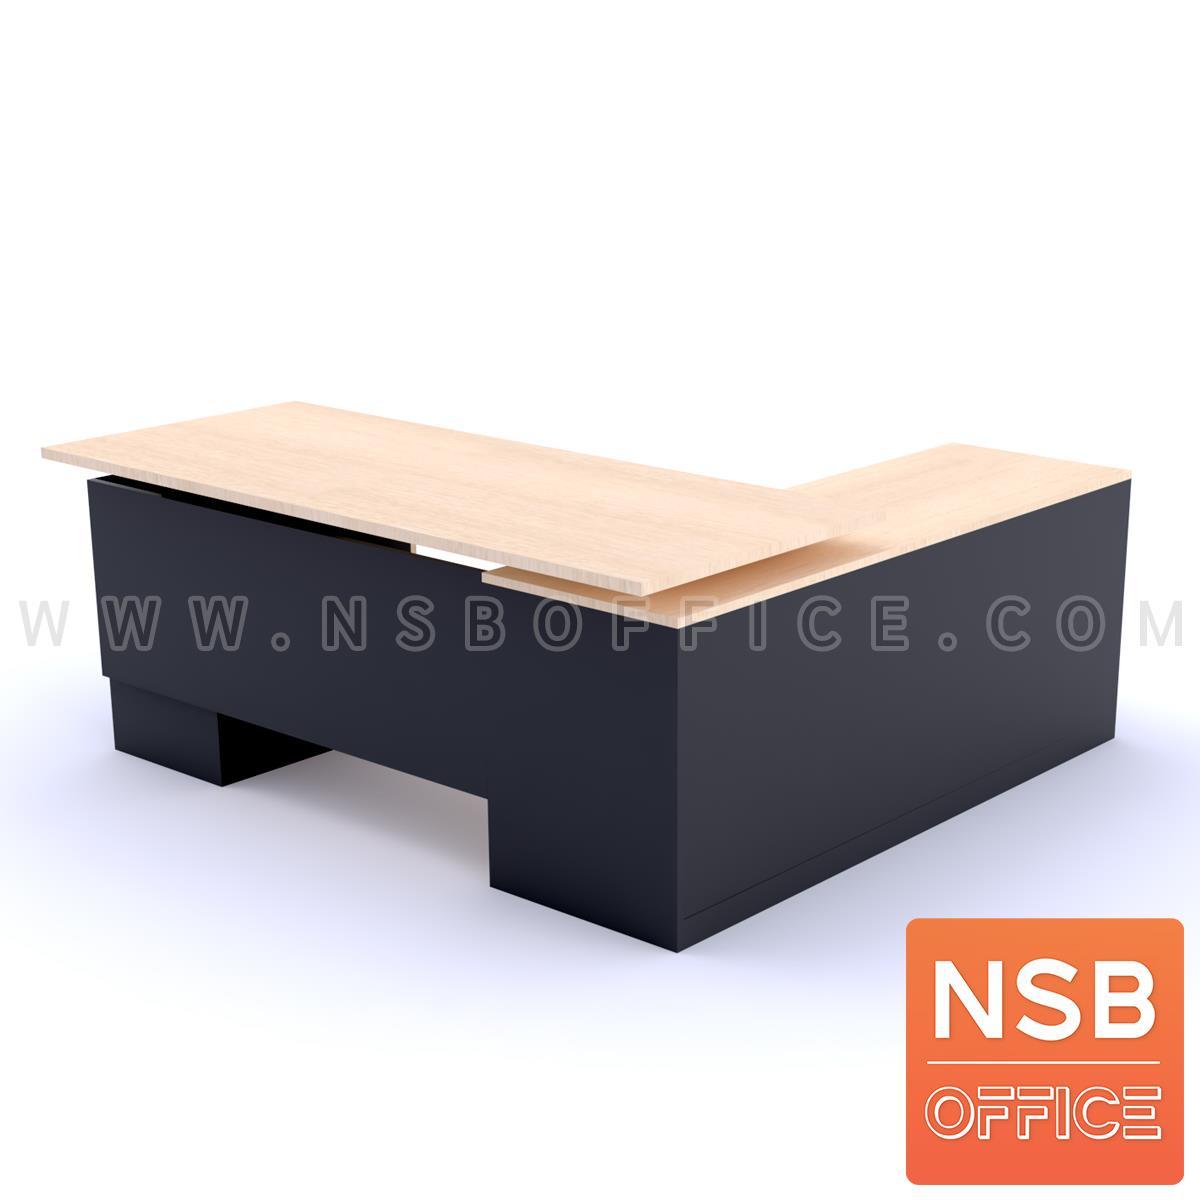 โต๊ะผู้บริหารตัวแอล 3 ลิ้นชัก รุ่น NOAH ขนาด 180W1*175W2 cm. พร้อมตู้ข้าง